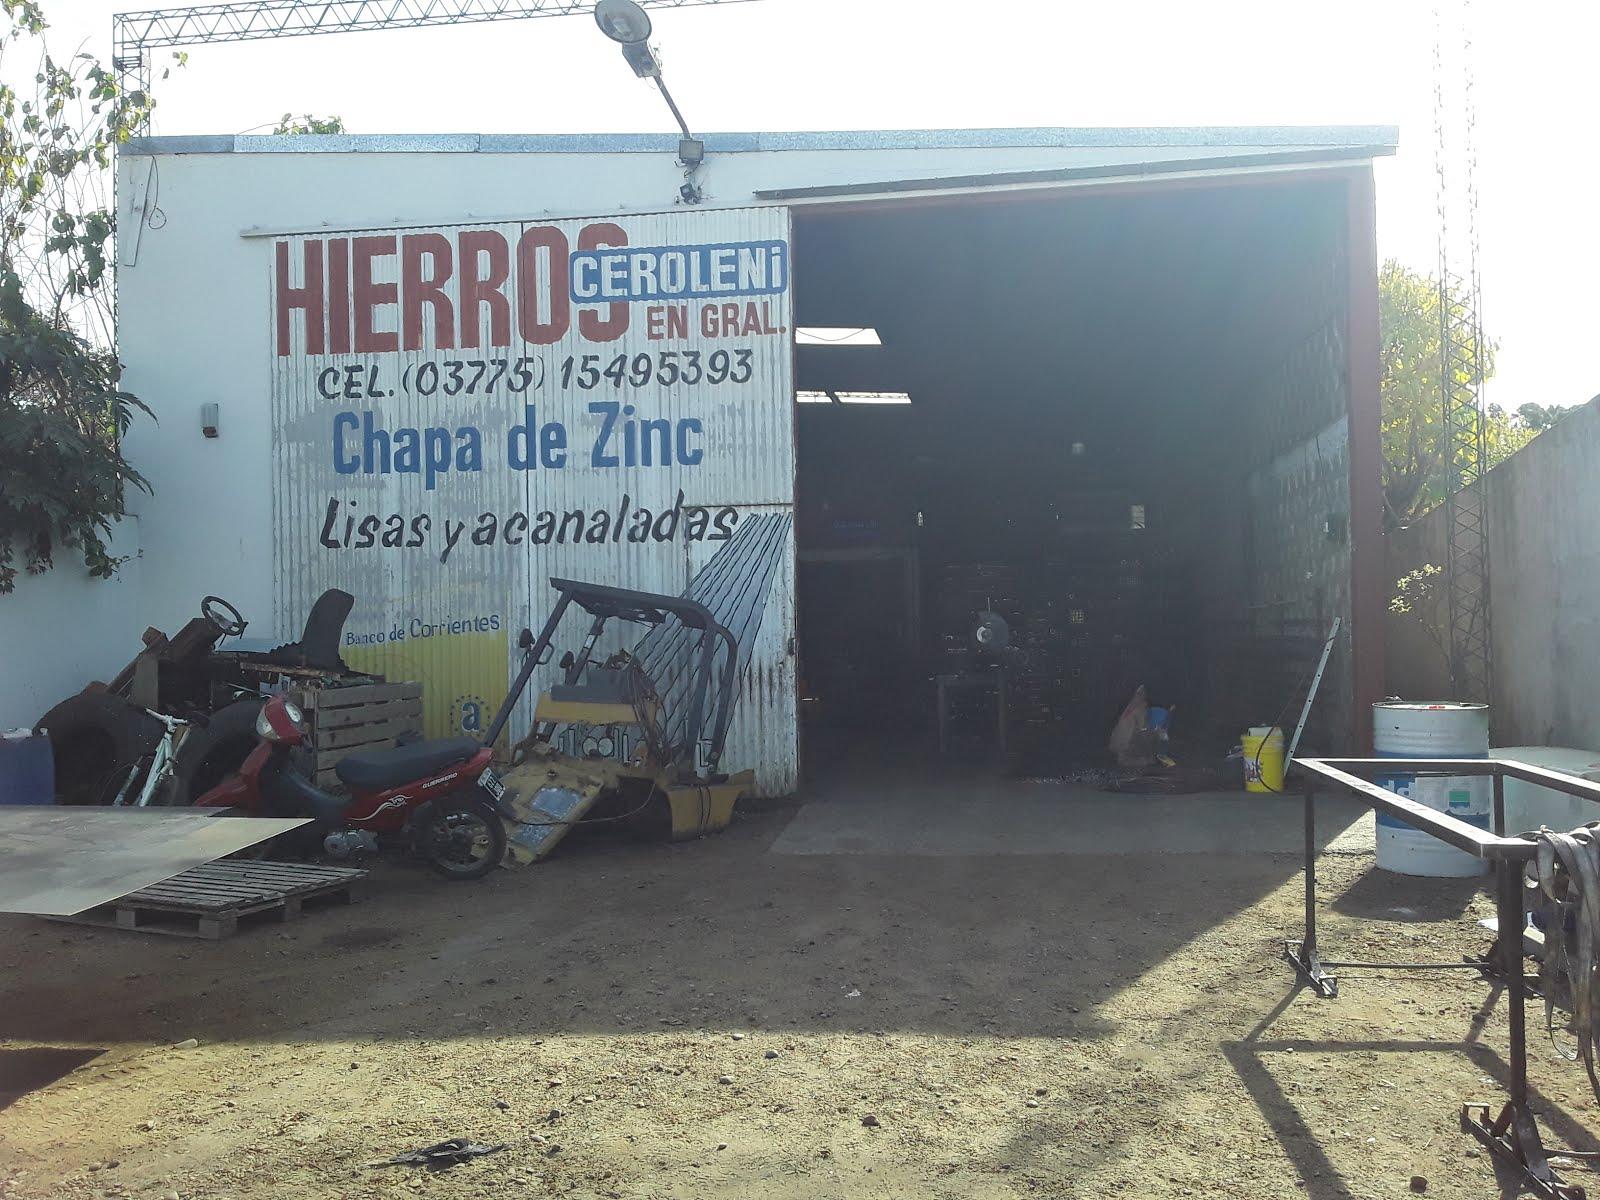 HIERROS CEROLINI